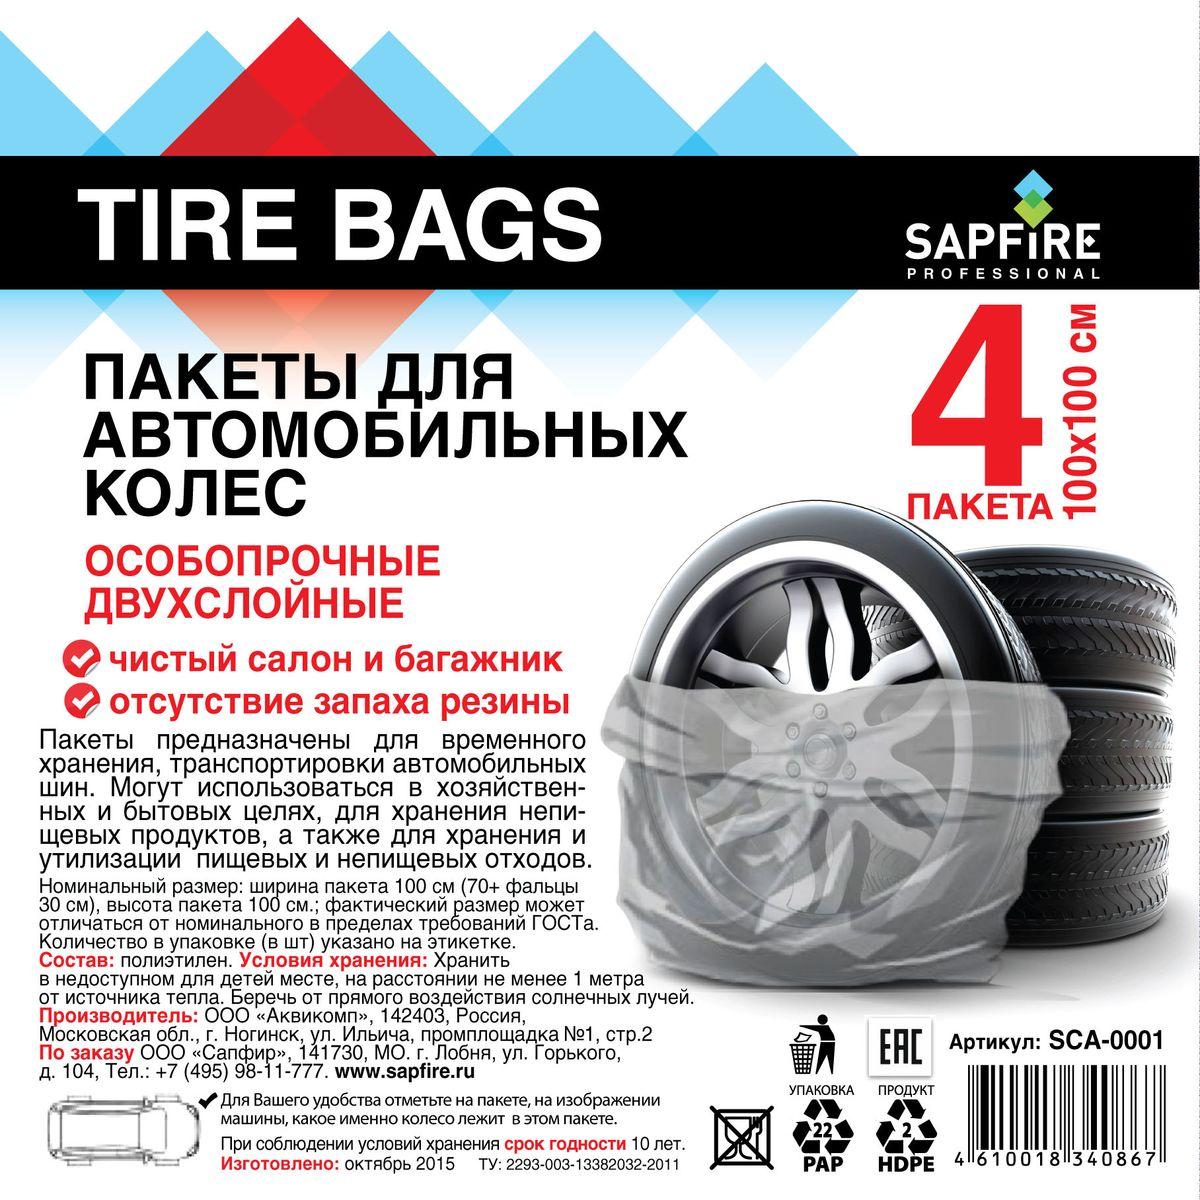 Пакеты для автомобильных колес Sapfire, 4 шт0001-SCAПакеты Sapfire выполнены из высококачественного полиэтилена. Они предназначены для временного хранения транспортировки автомобильных шин. Могут использоваться в хозяйственных и бытовых целях, например, для хранения непищевых продуктов, а также для хранения и утилизации пищевых и непищевых отходов. Номинальный размер: ширина пакета 100 см (70+ фальцы 30 см), высота пакета 100 см. Уважаемые клиенты! Обращаем ваше внимание ,что фактический размер может отличаться от номинального в пределах требований ГОСТа.